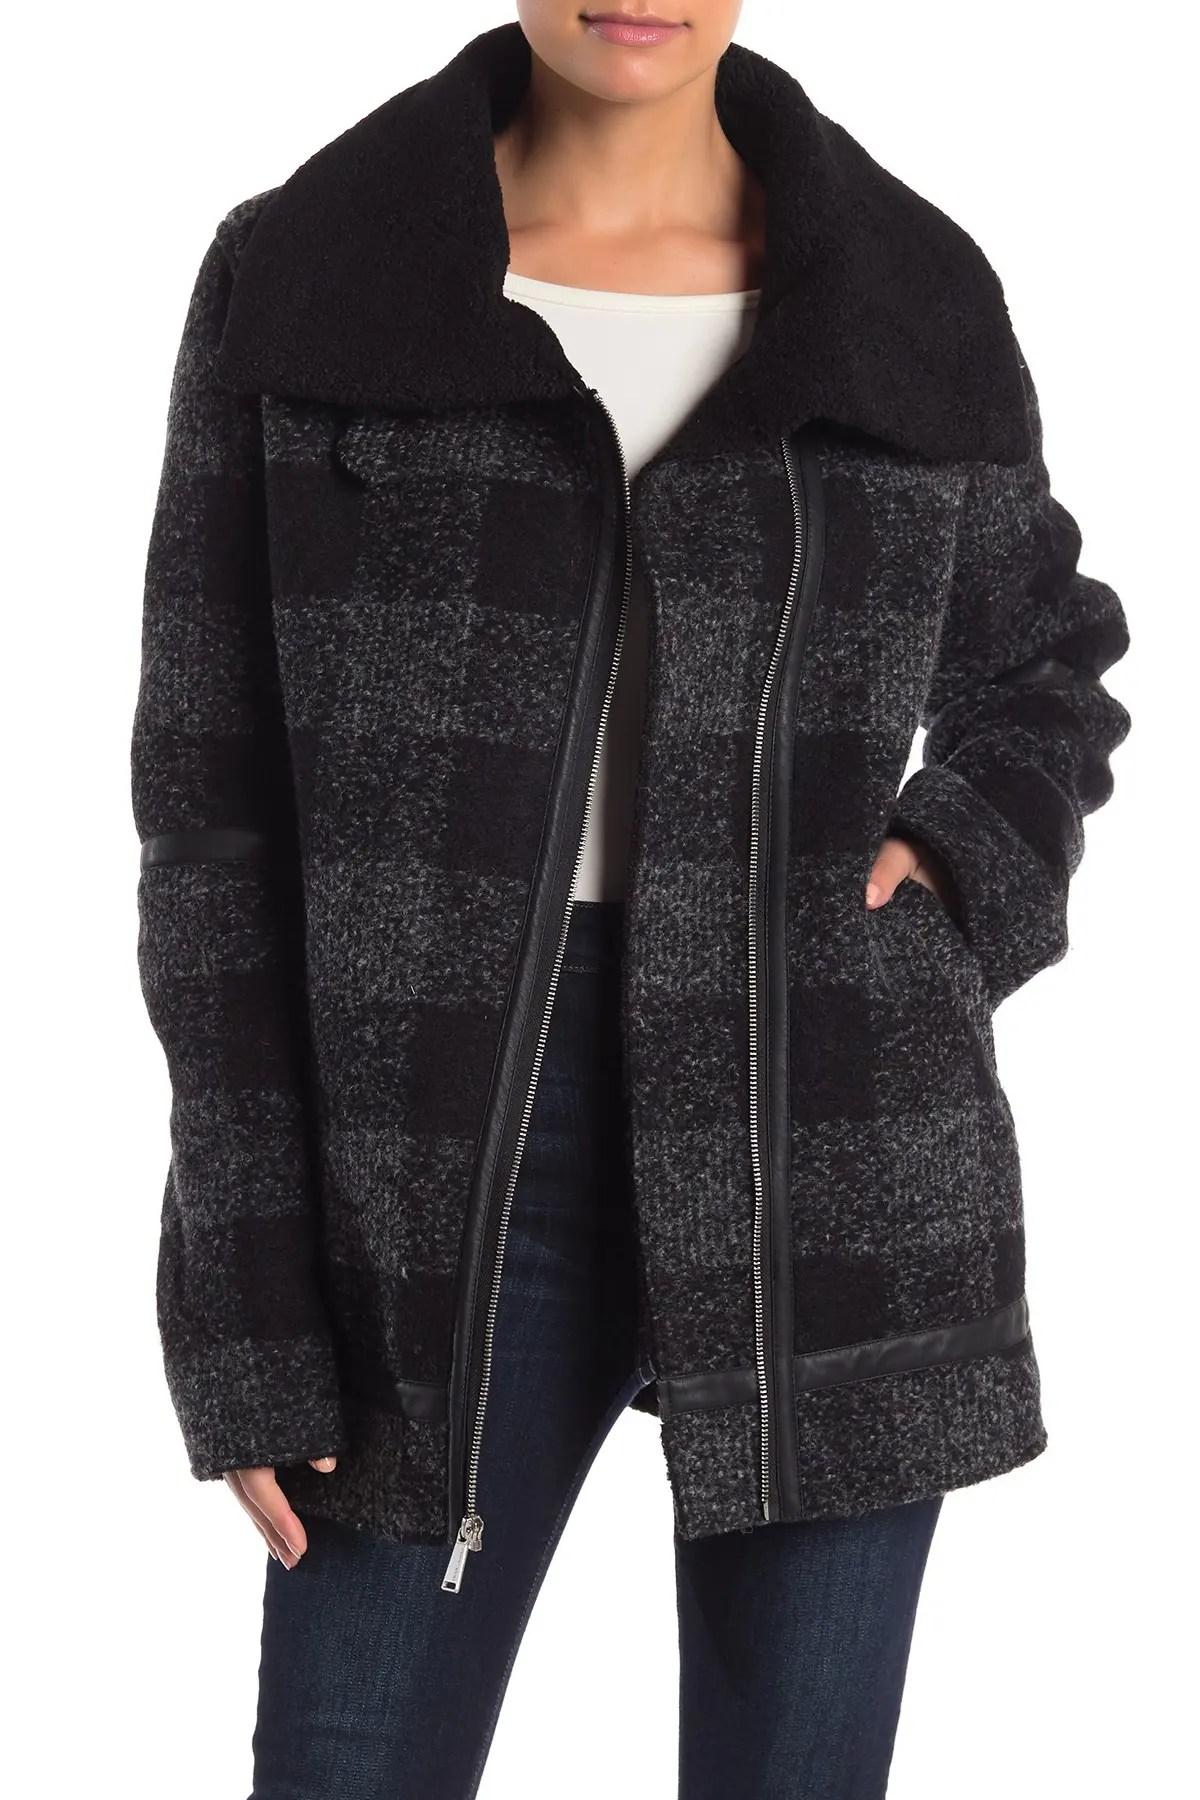 bcbg plaid print faux leather trim asymmetrical zip coat nordstrom rack